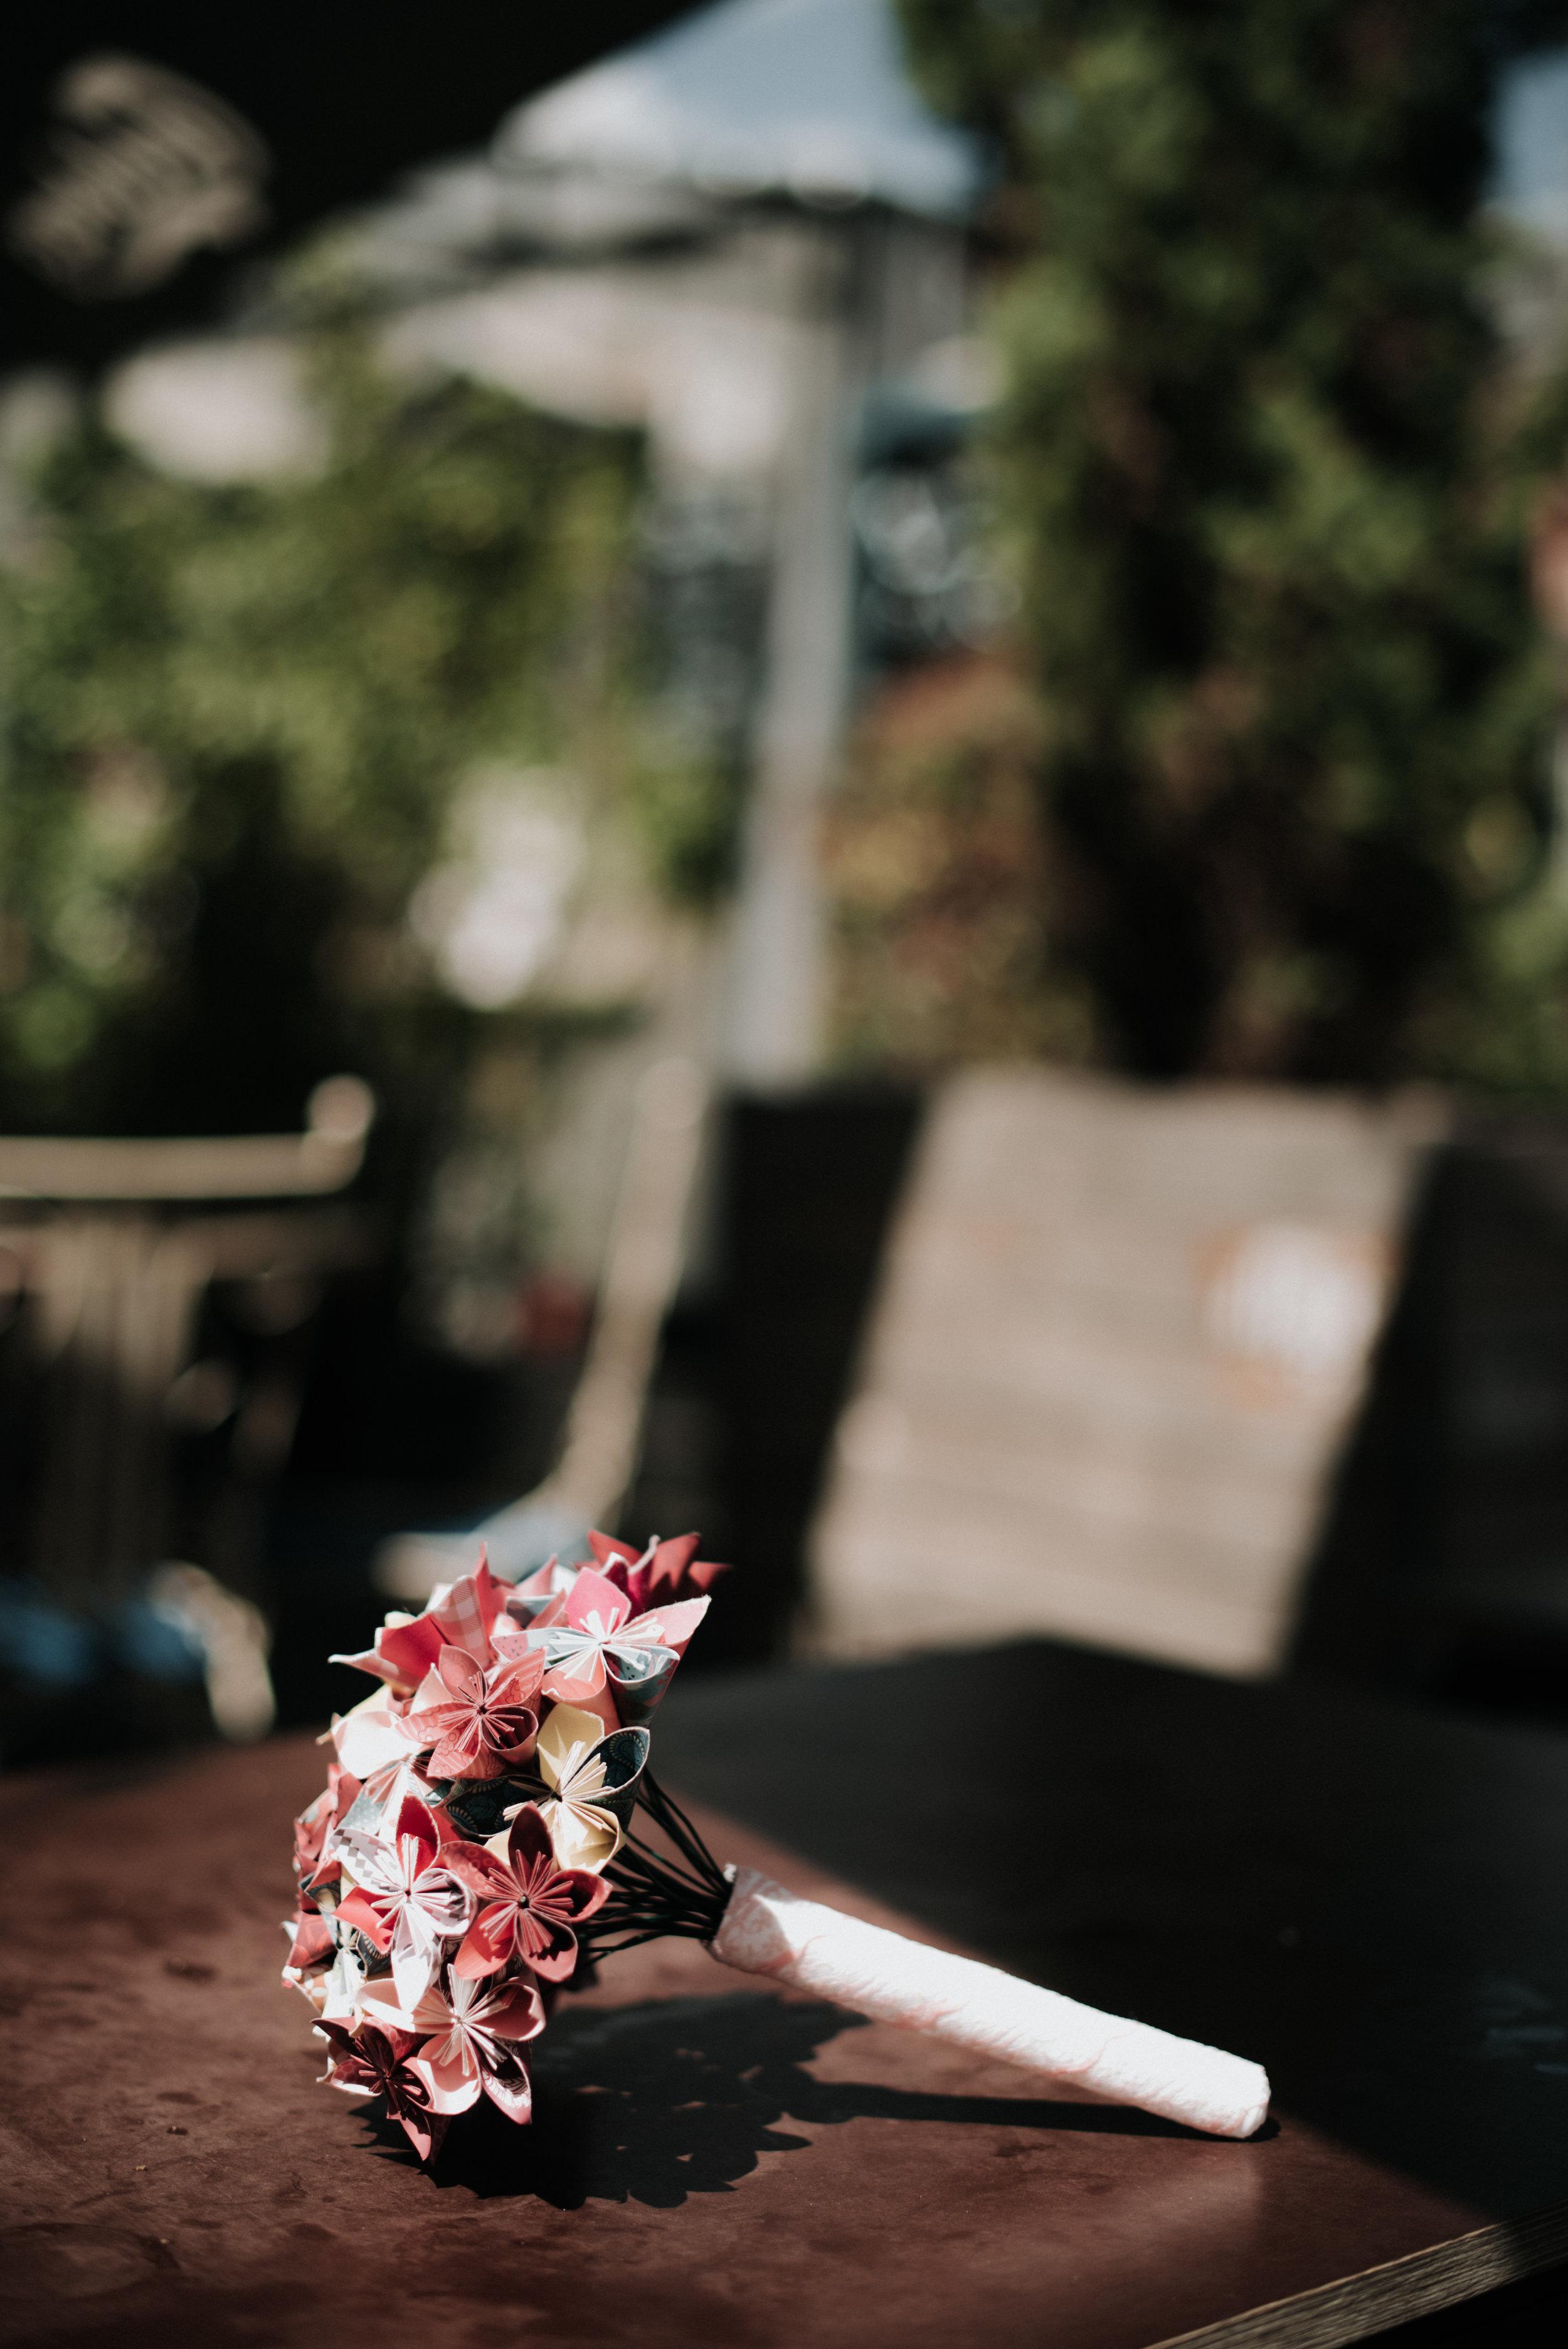 Léa-Fery-photographe-professionnel-lyon-rhone-alpes-portrait-creation-mariage-evenement-evenementiel-famille-4687.jpg